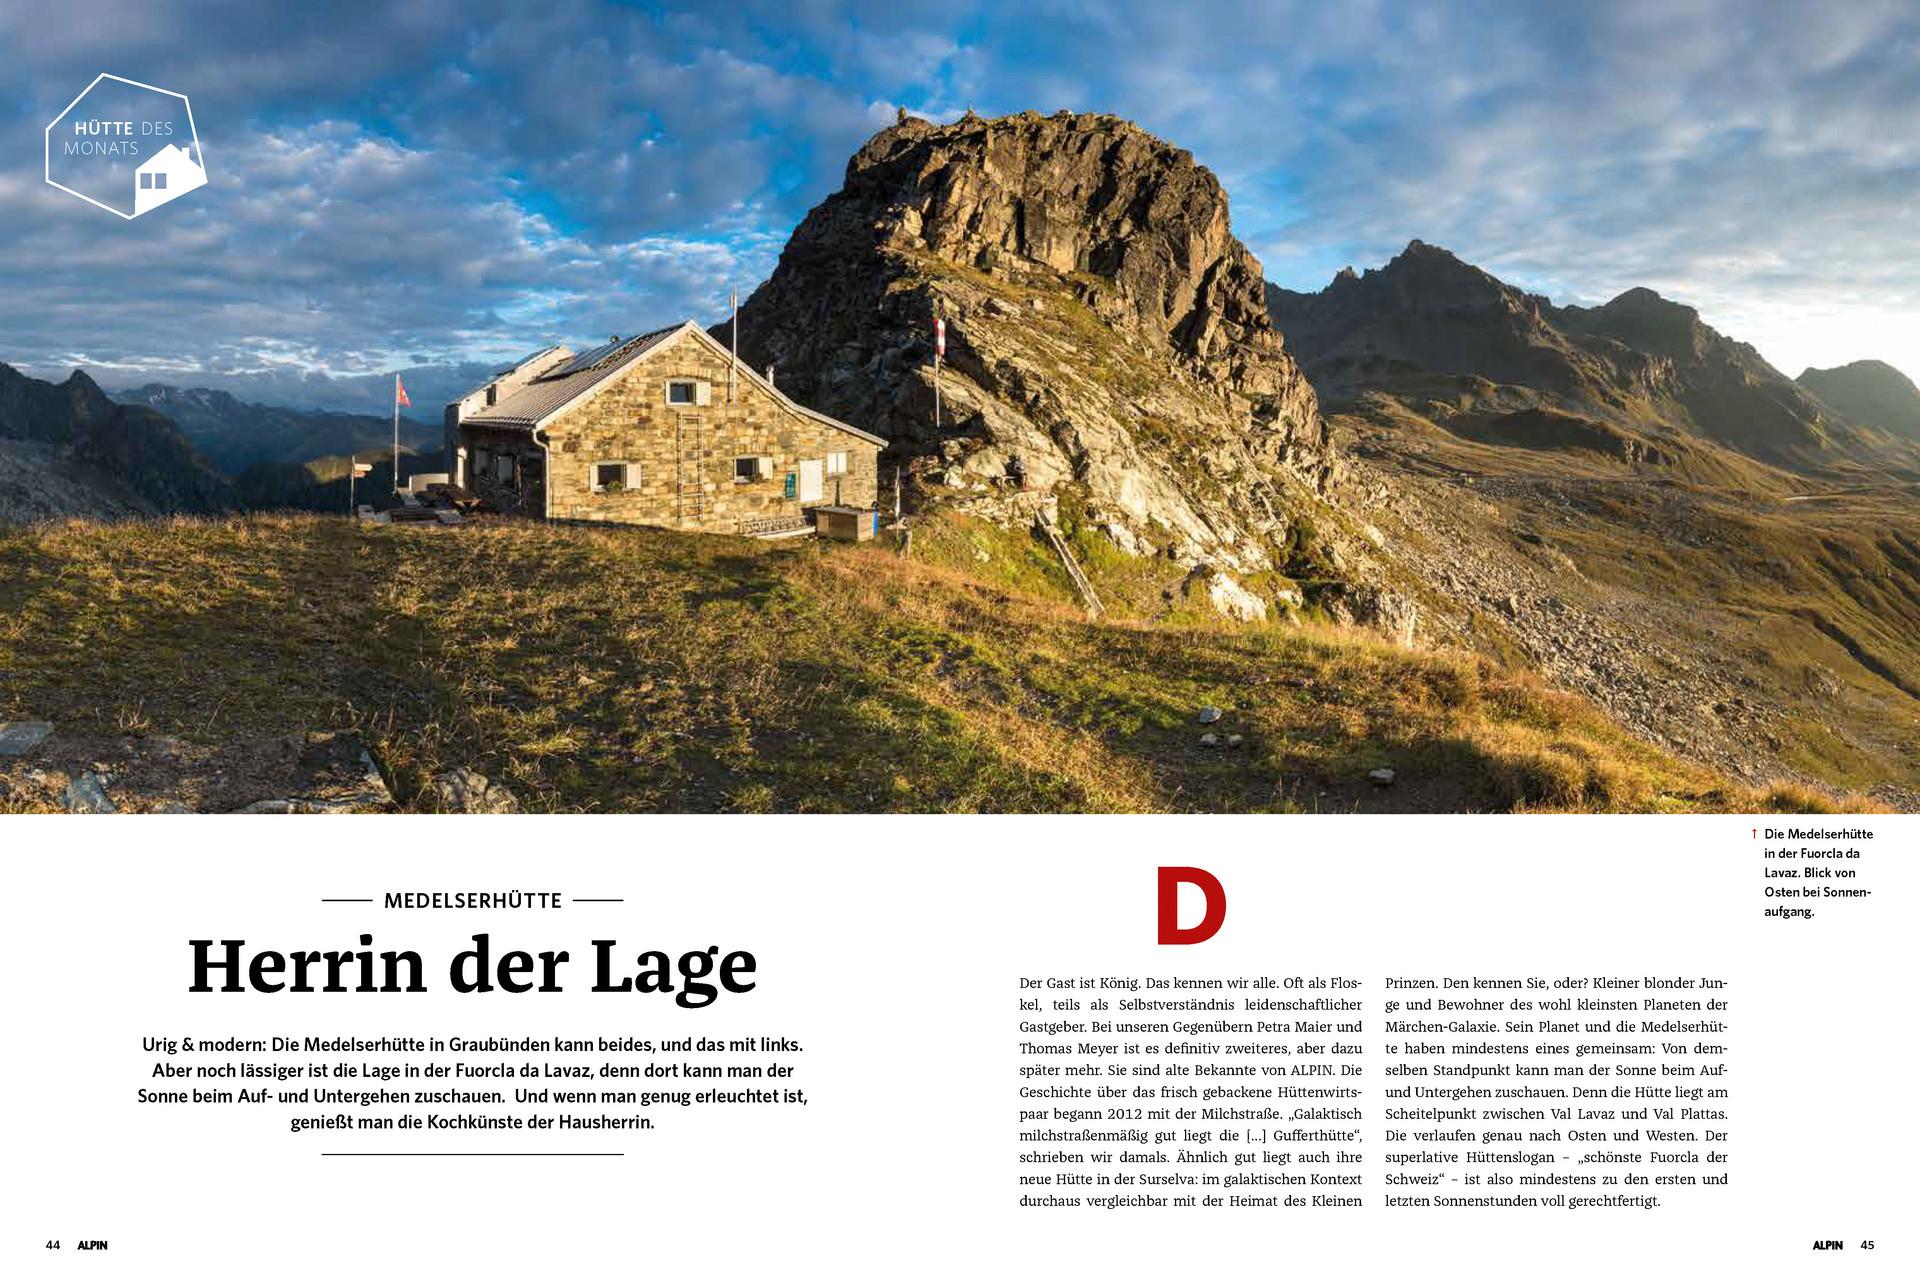 ALPIN-Hüttengeschichte 'Herrin der Lage' (05/'18)